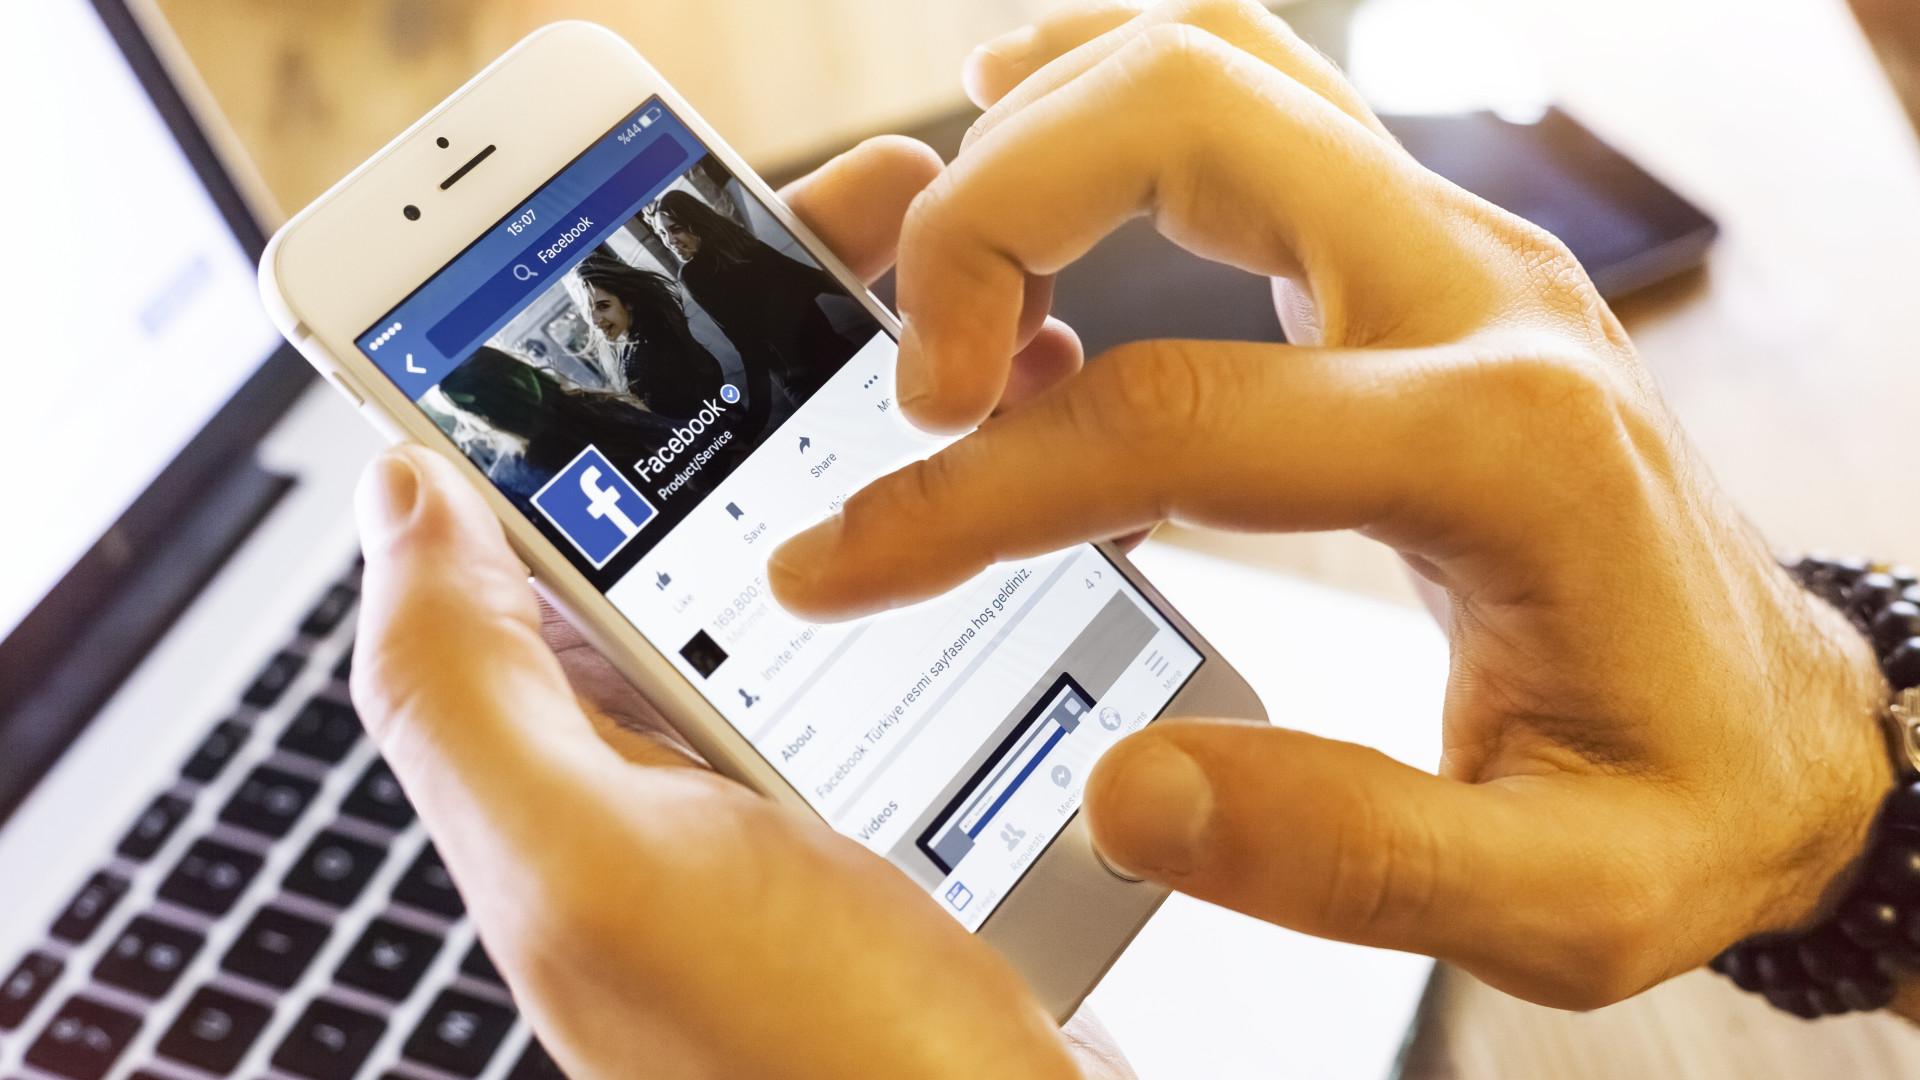 Facebook: remova efeitos especiais em termos como 'parabéns' e 'abraço'